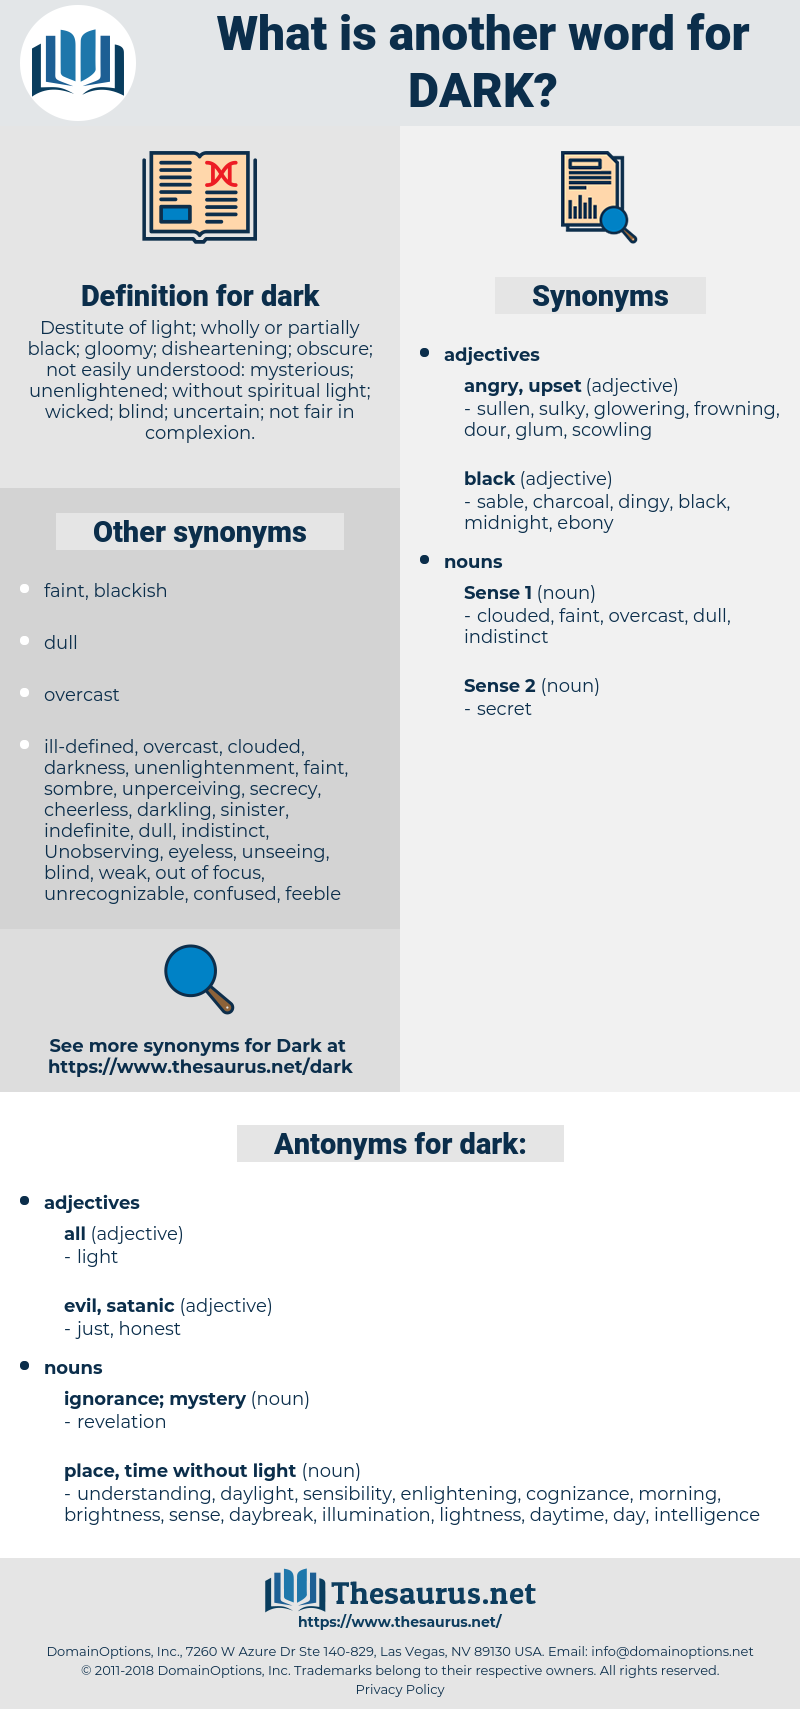 dark, synonym dark, another word for dark, words like dark, thesaurus dark